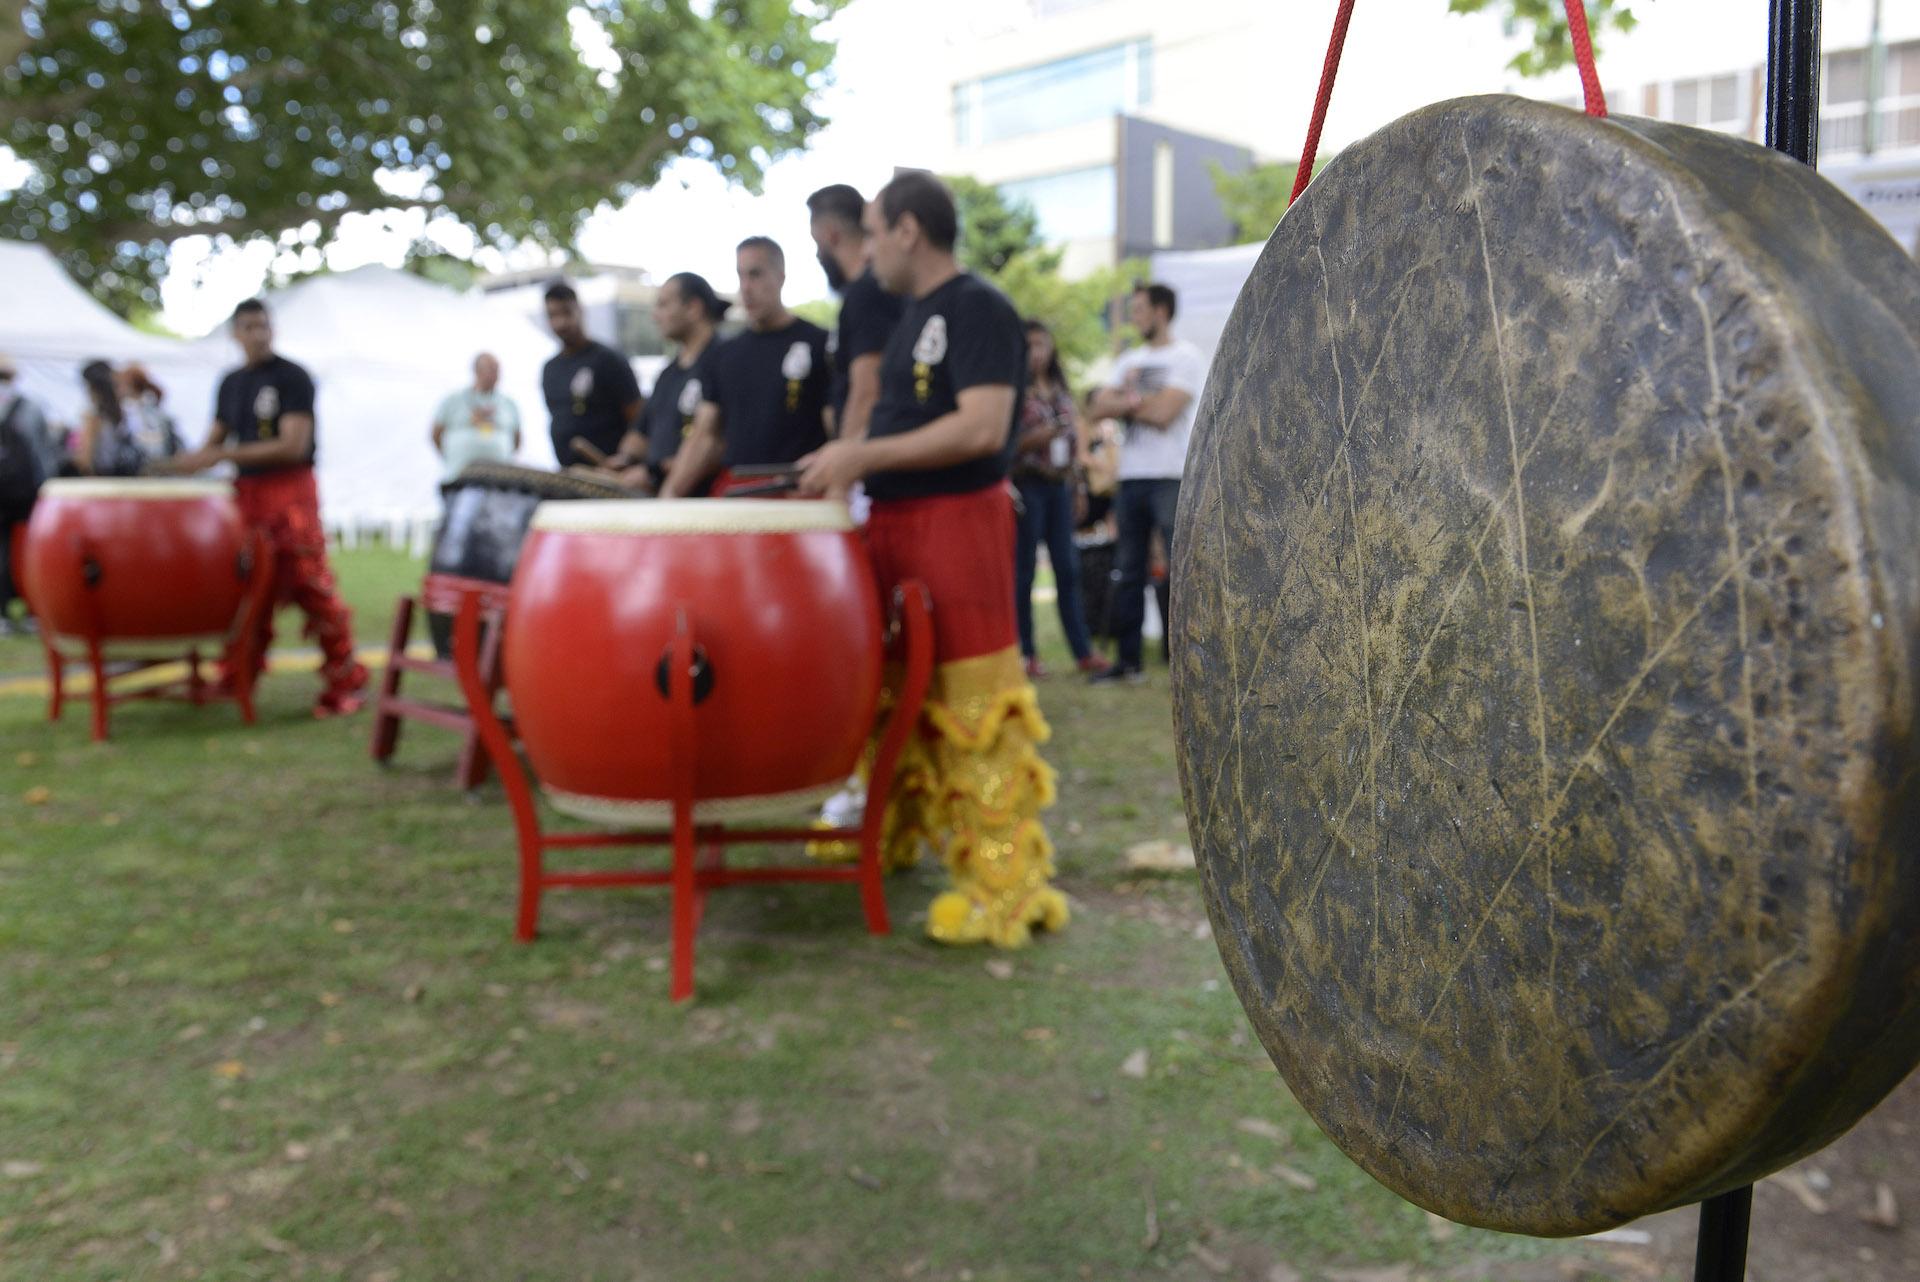 Grupos musicales de todo el país se suman a quienes llegaron especialmente desde China.